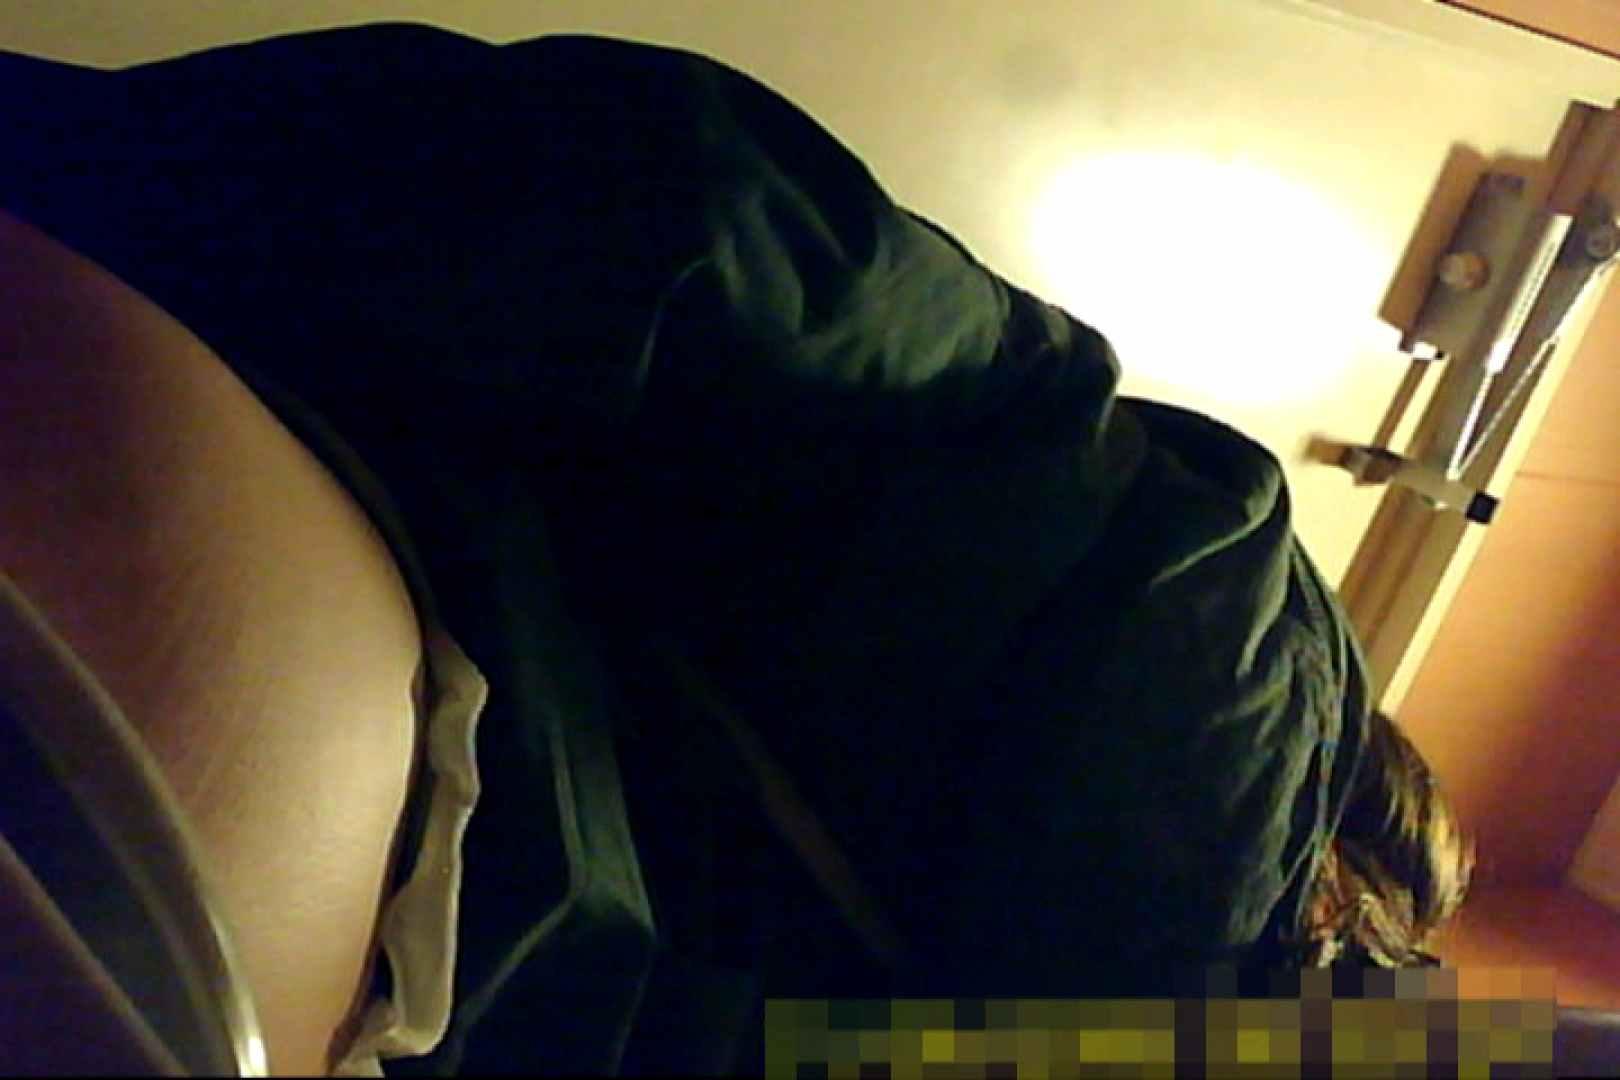 魅惑の化粧室~禁断のプライベート空間~23 すけべなお姉さん おめこ無修正動画無料 108画像 71